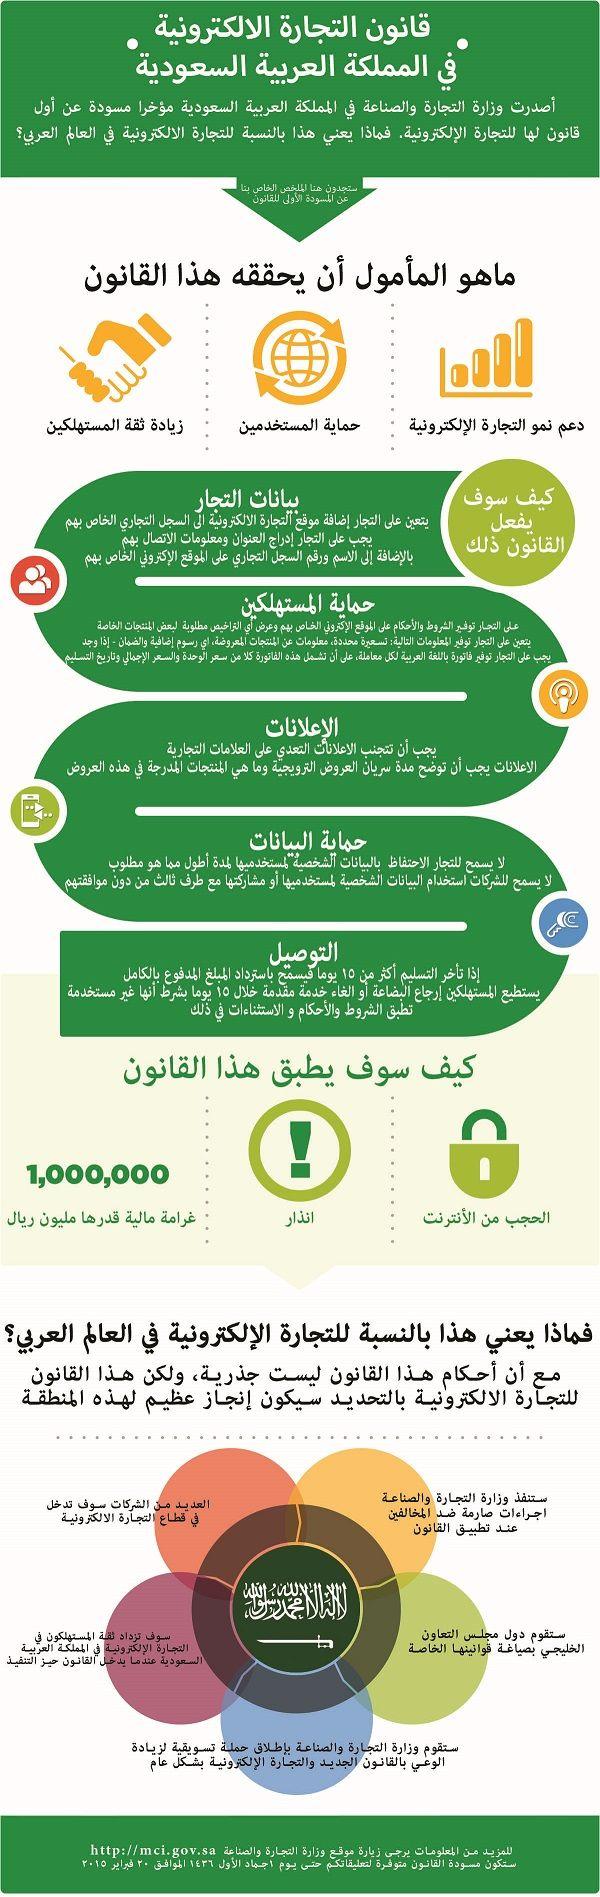 قانون التجارة الإلكترونية في السعودية Ecommerce Web Development Design Law